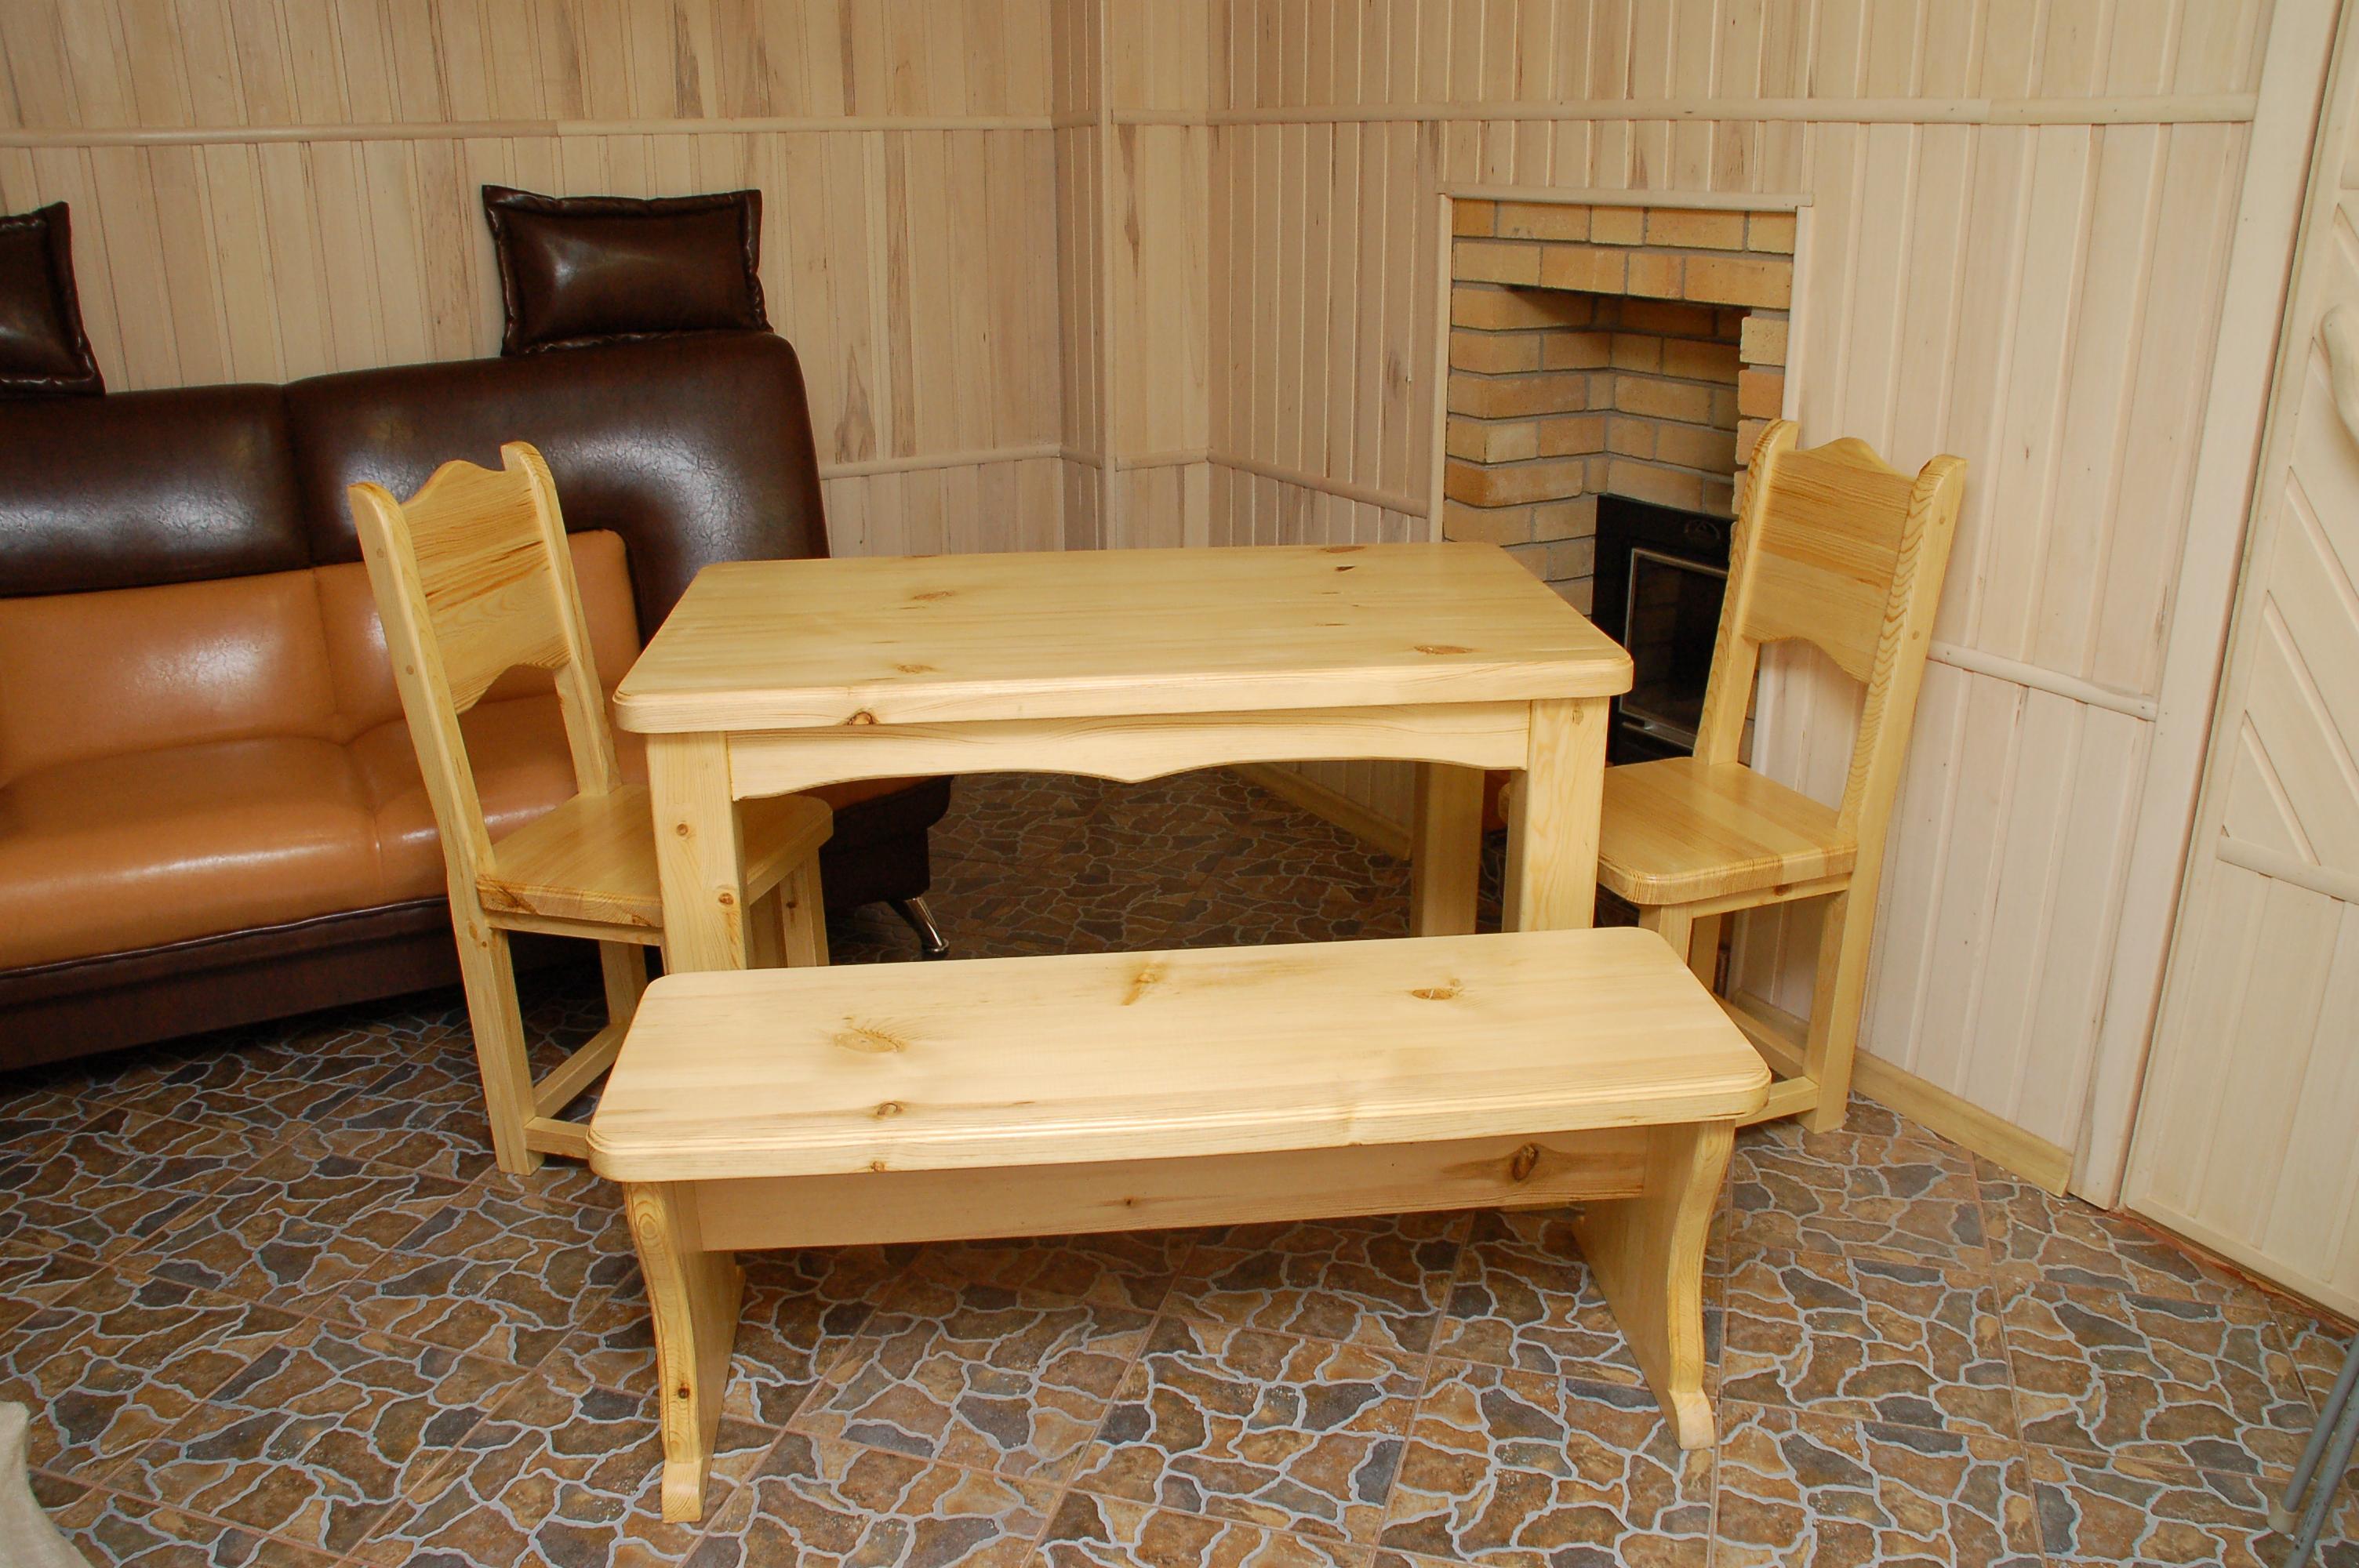 Деревянный стол в баню своими руками мастер-класс. Жми! 41